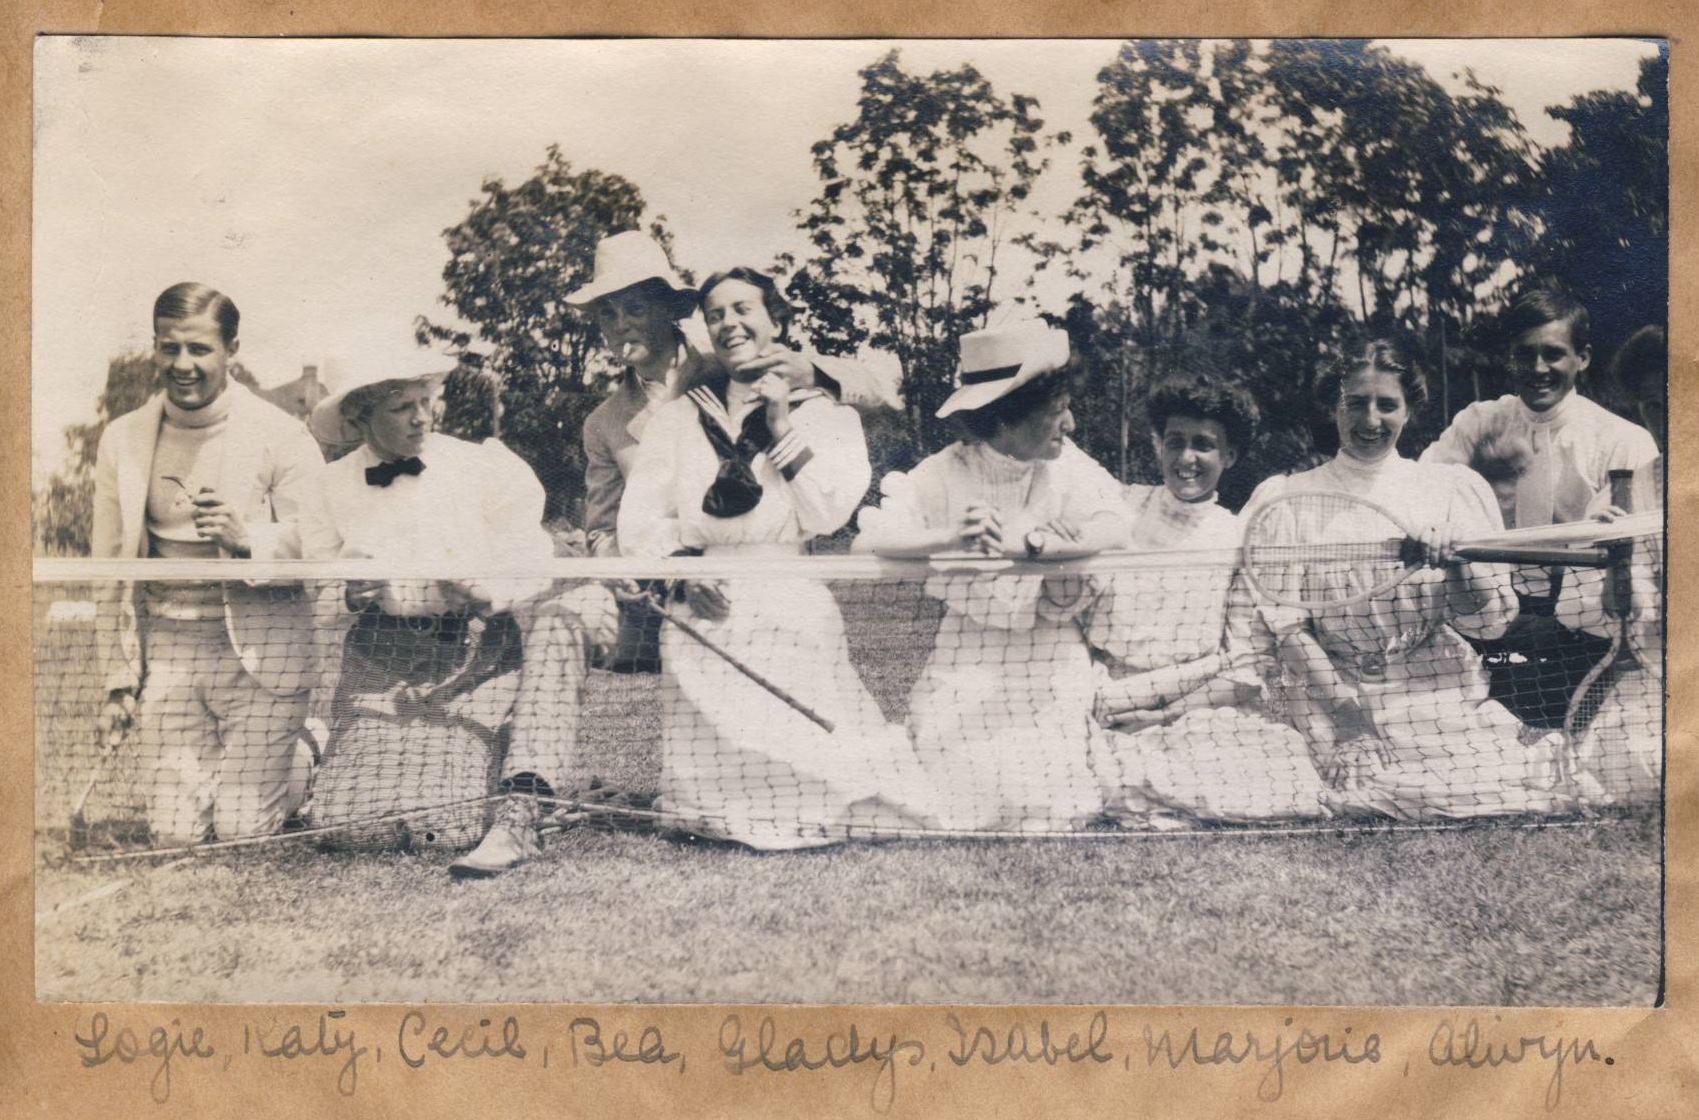 Des joueurs de tennis en robe, en veston ou en chemise sont assis près du filet.